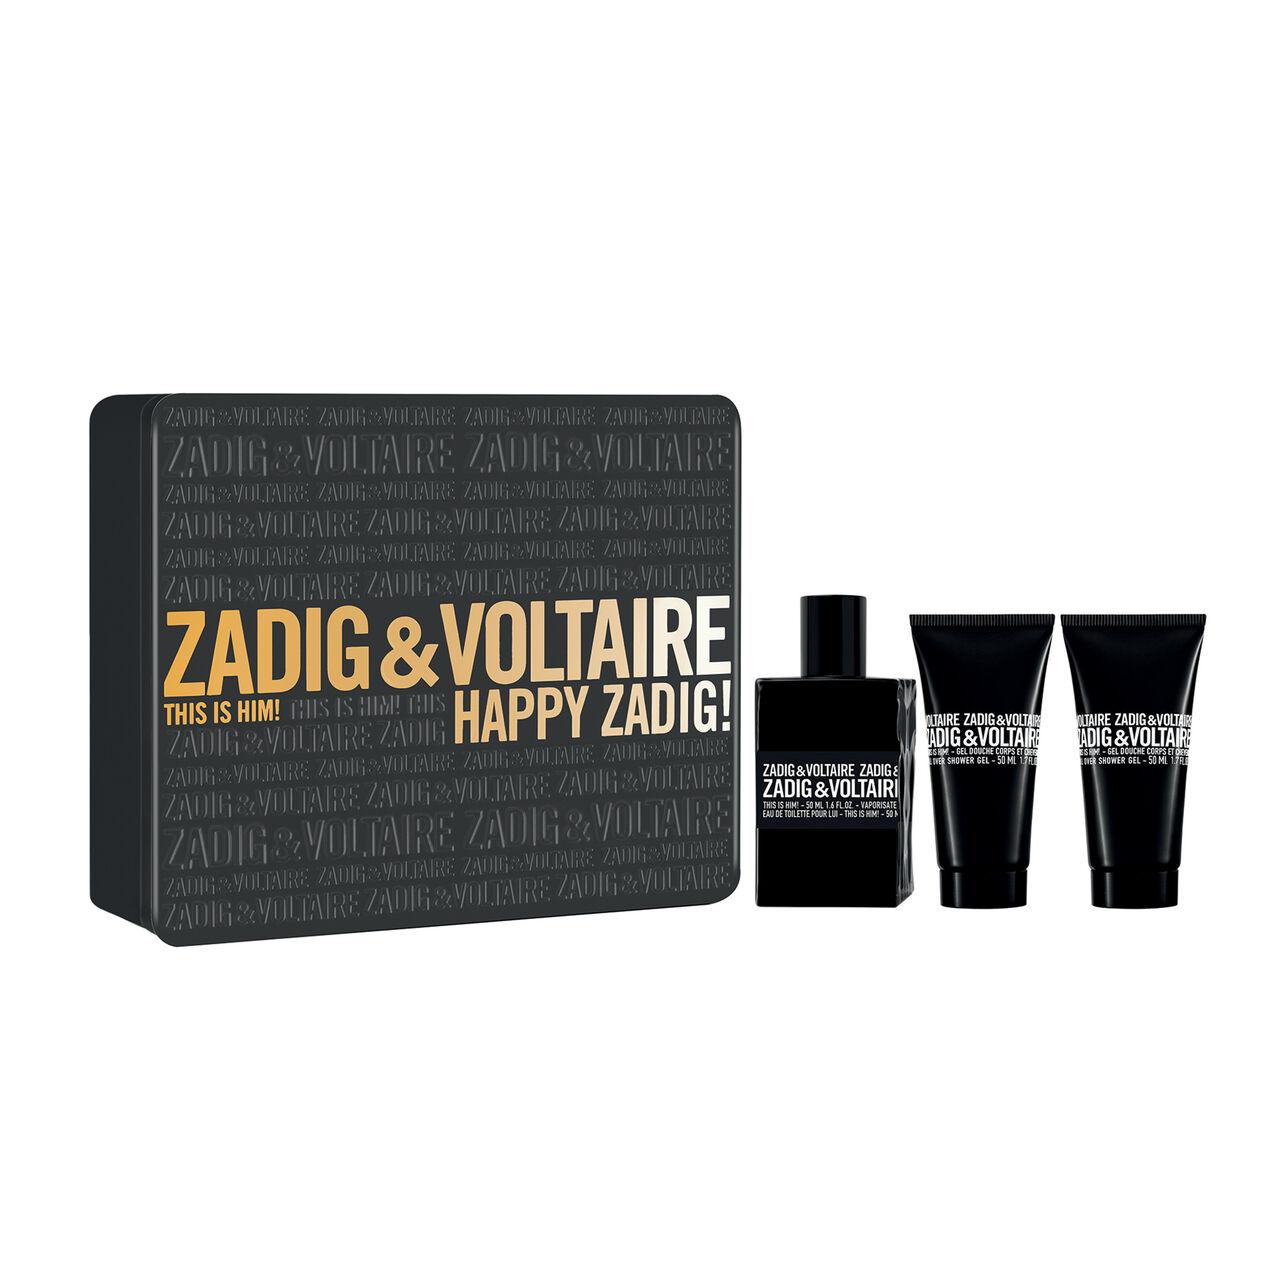 Zadig & Voltaire This is Him! Happy Zadig Set